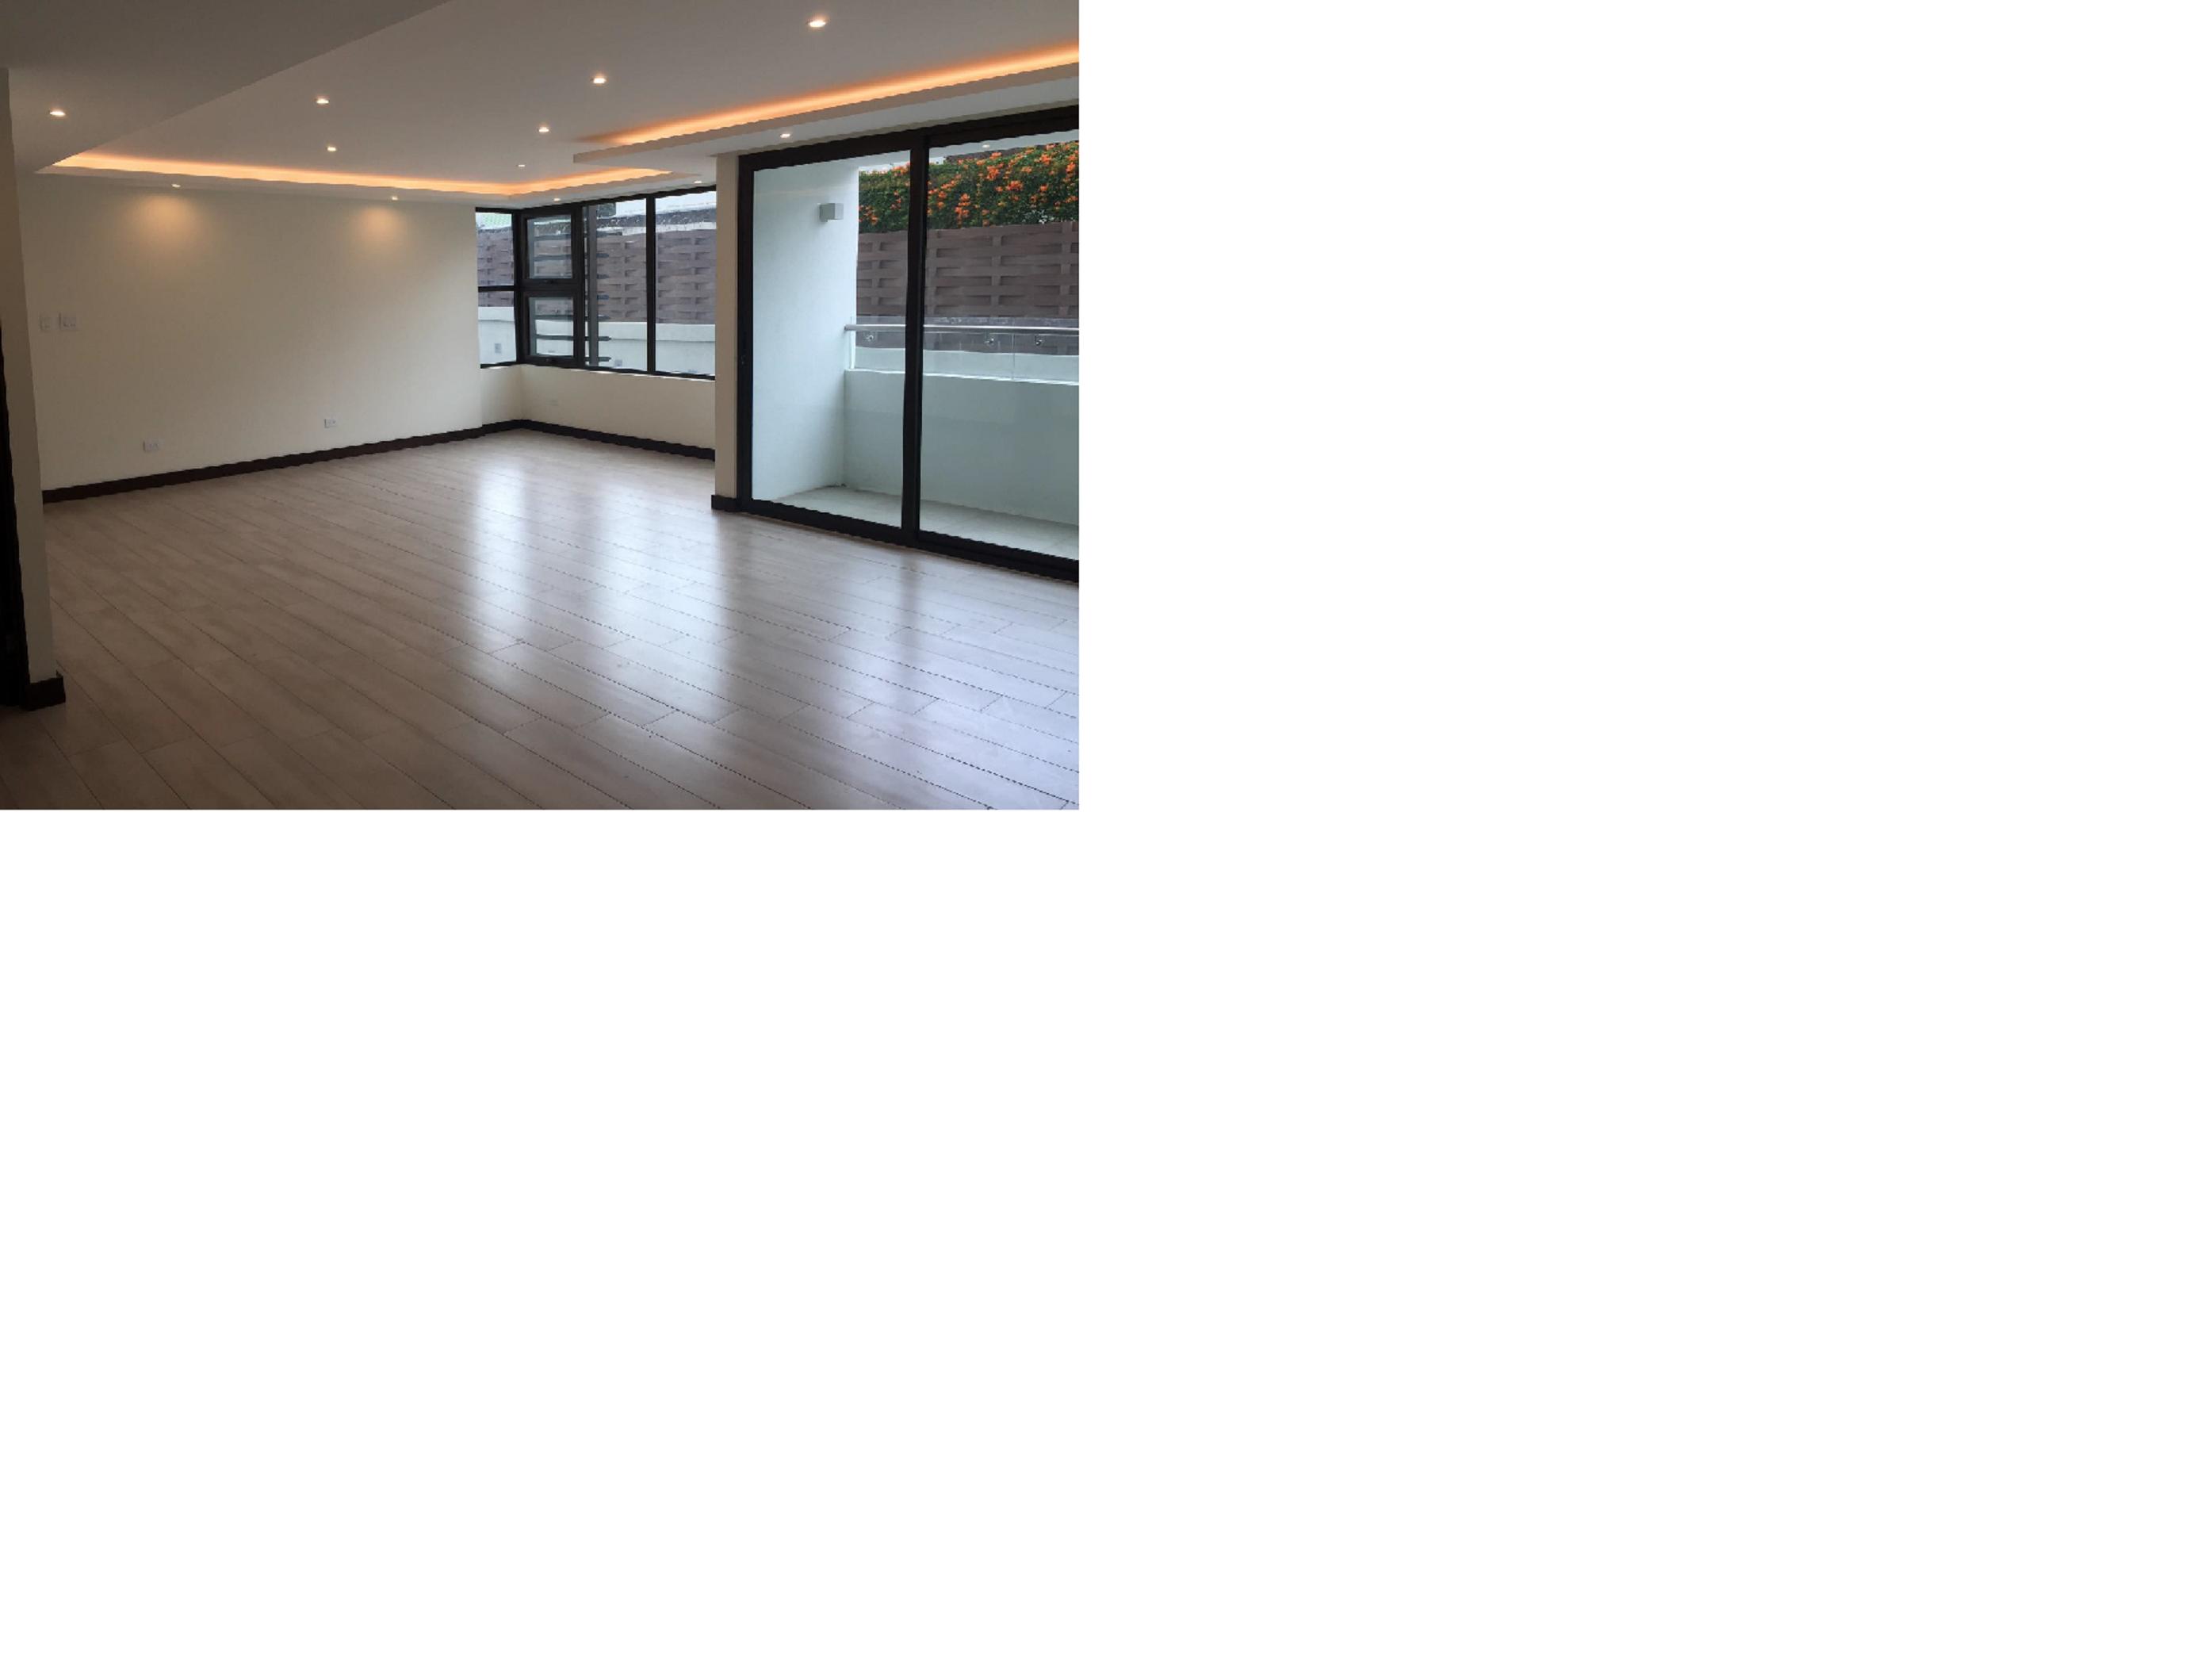 ¡¡¡Apartamento en venta Vh1 zona 15!!!